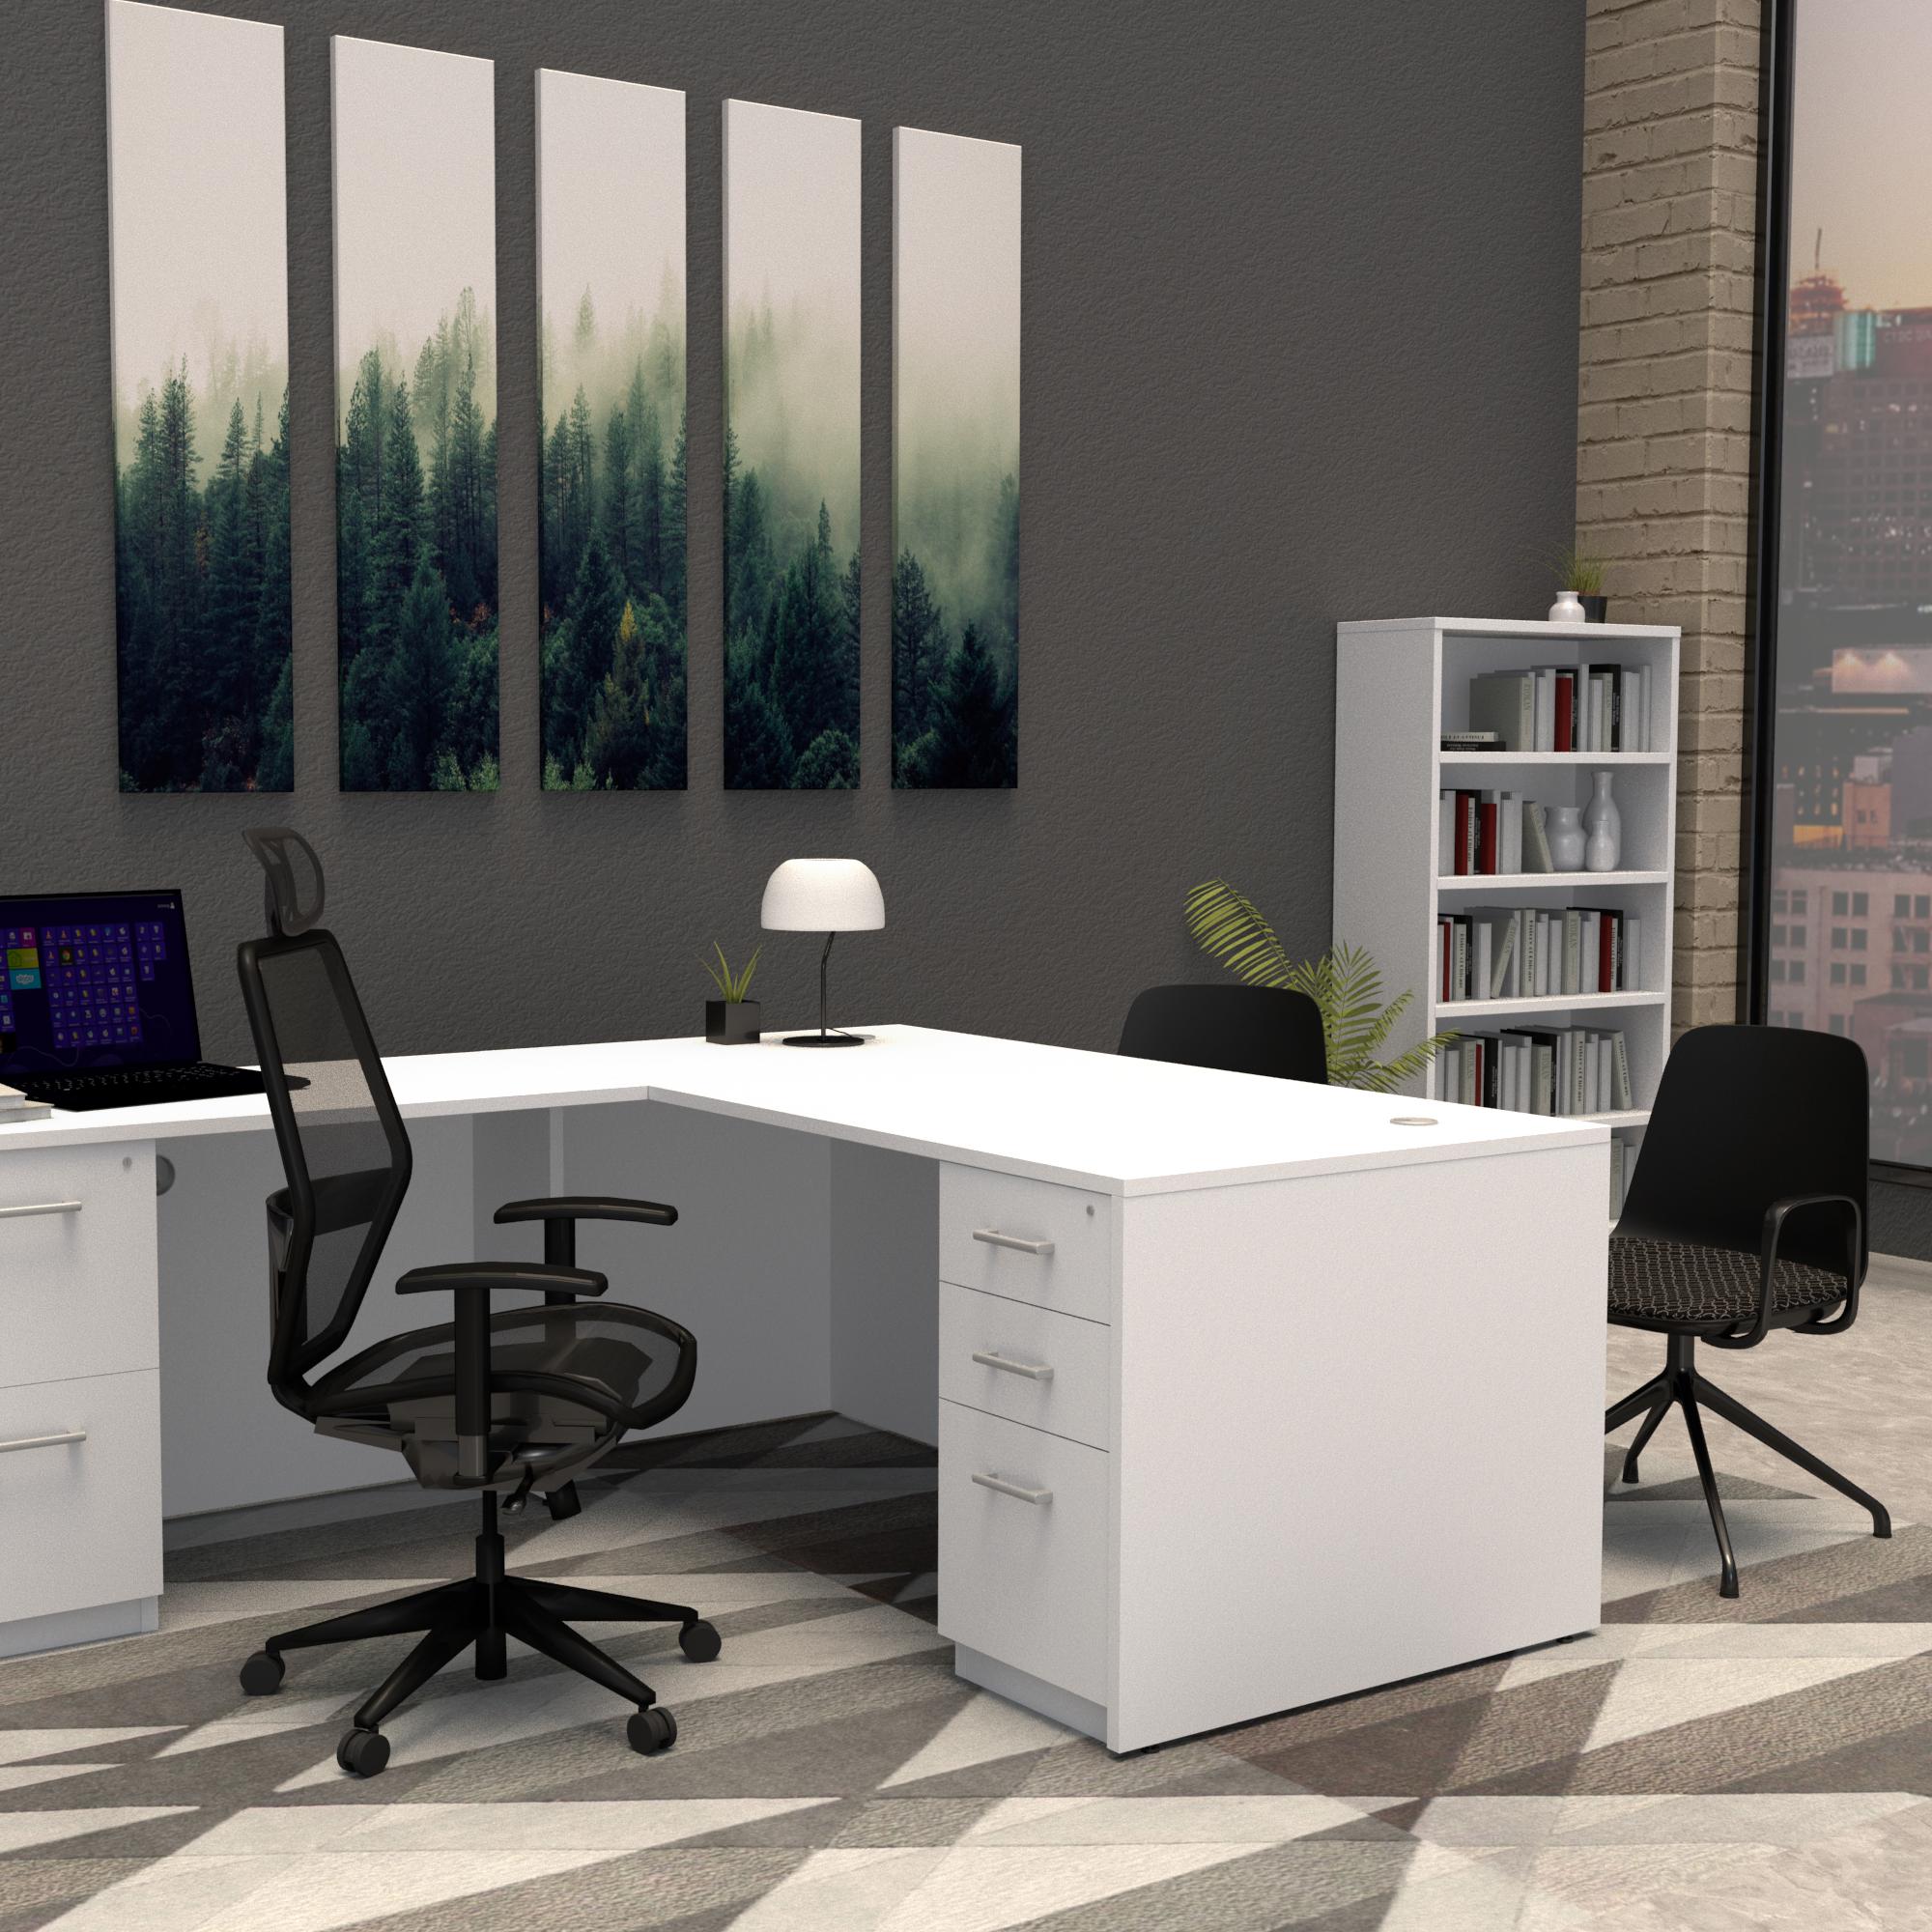 Pivit Full Panel Desk (White) | Net Task Seating | Sofie 4-star, black